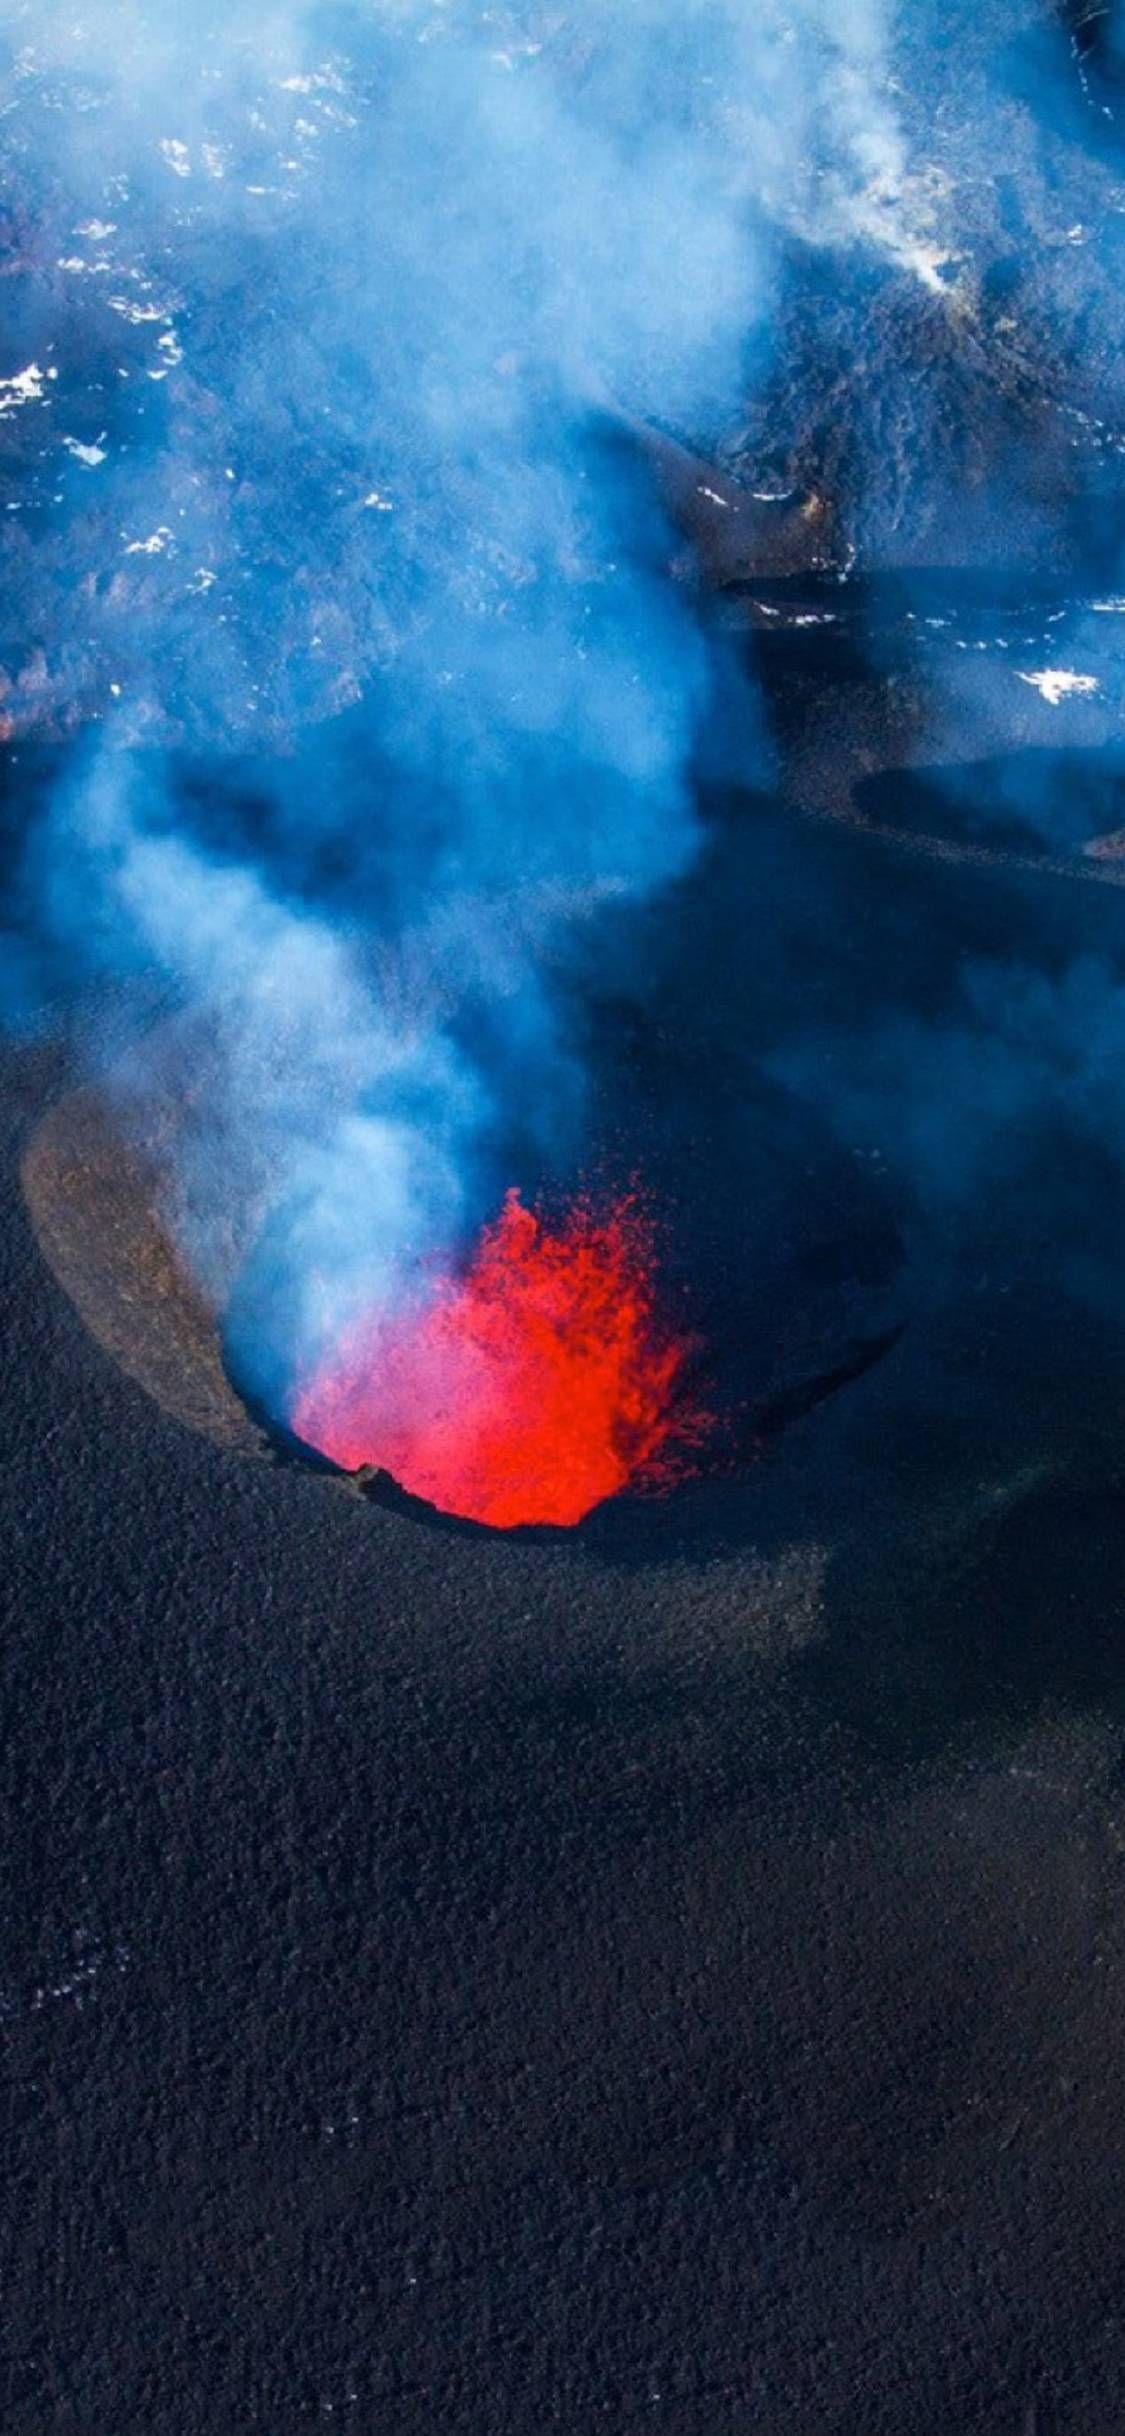 Lava oar aerosol is dangerous Wallpapers for iPhone X